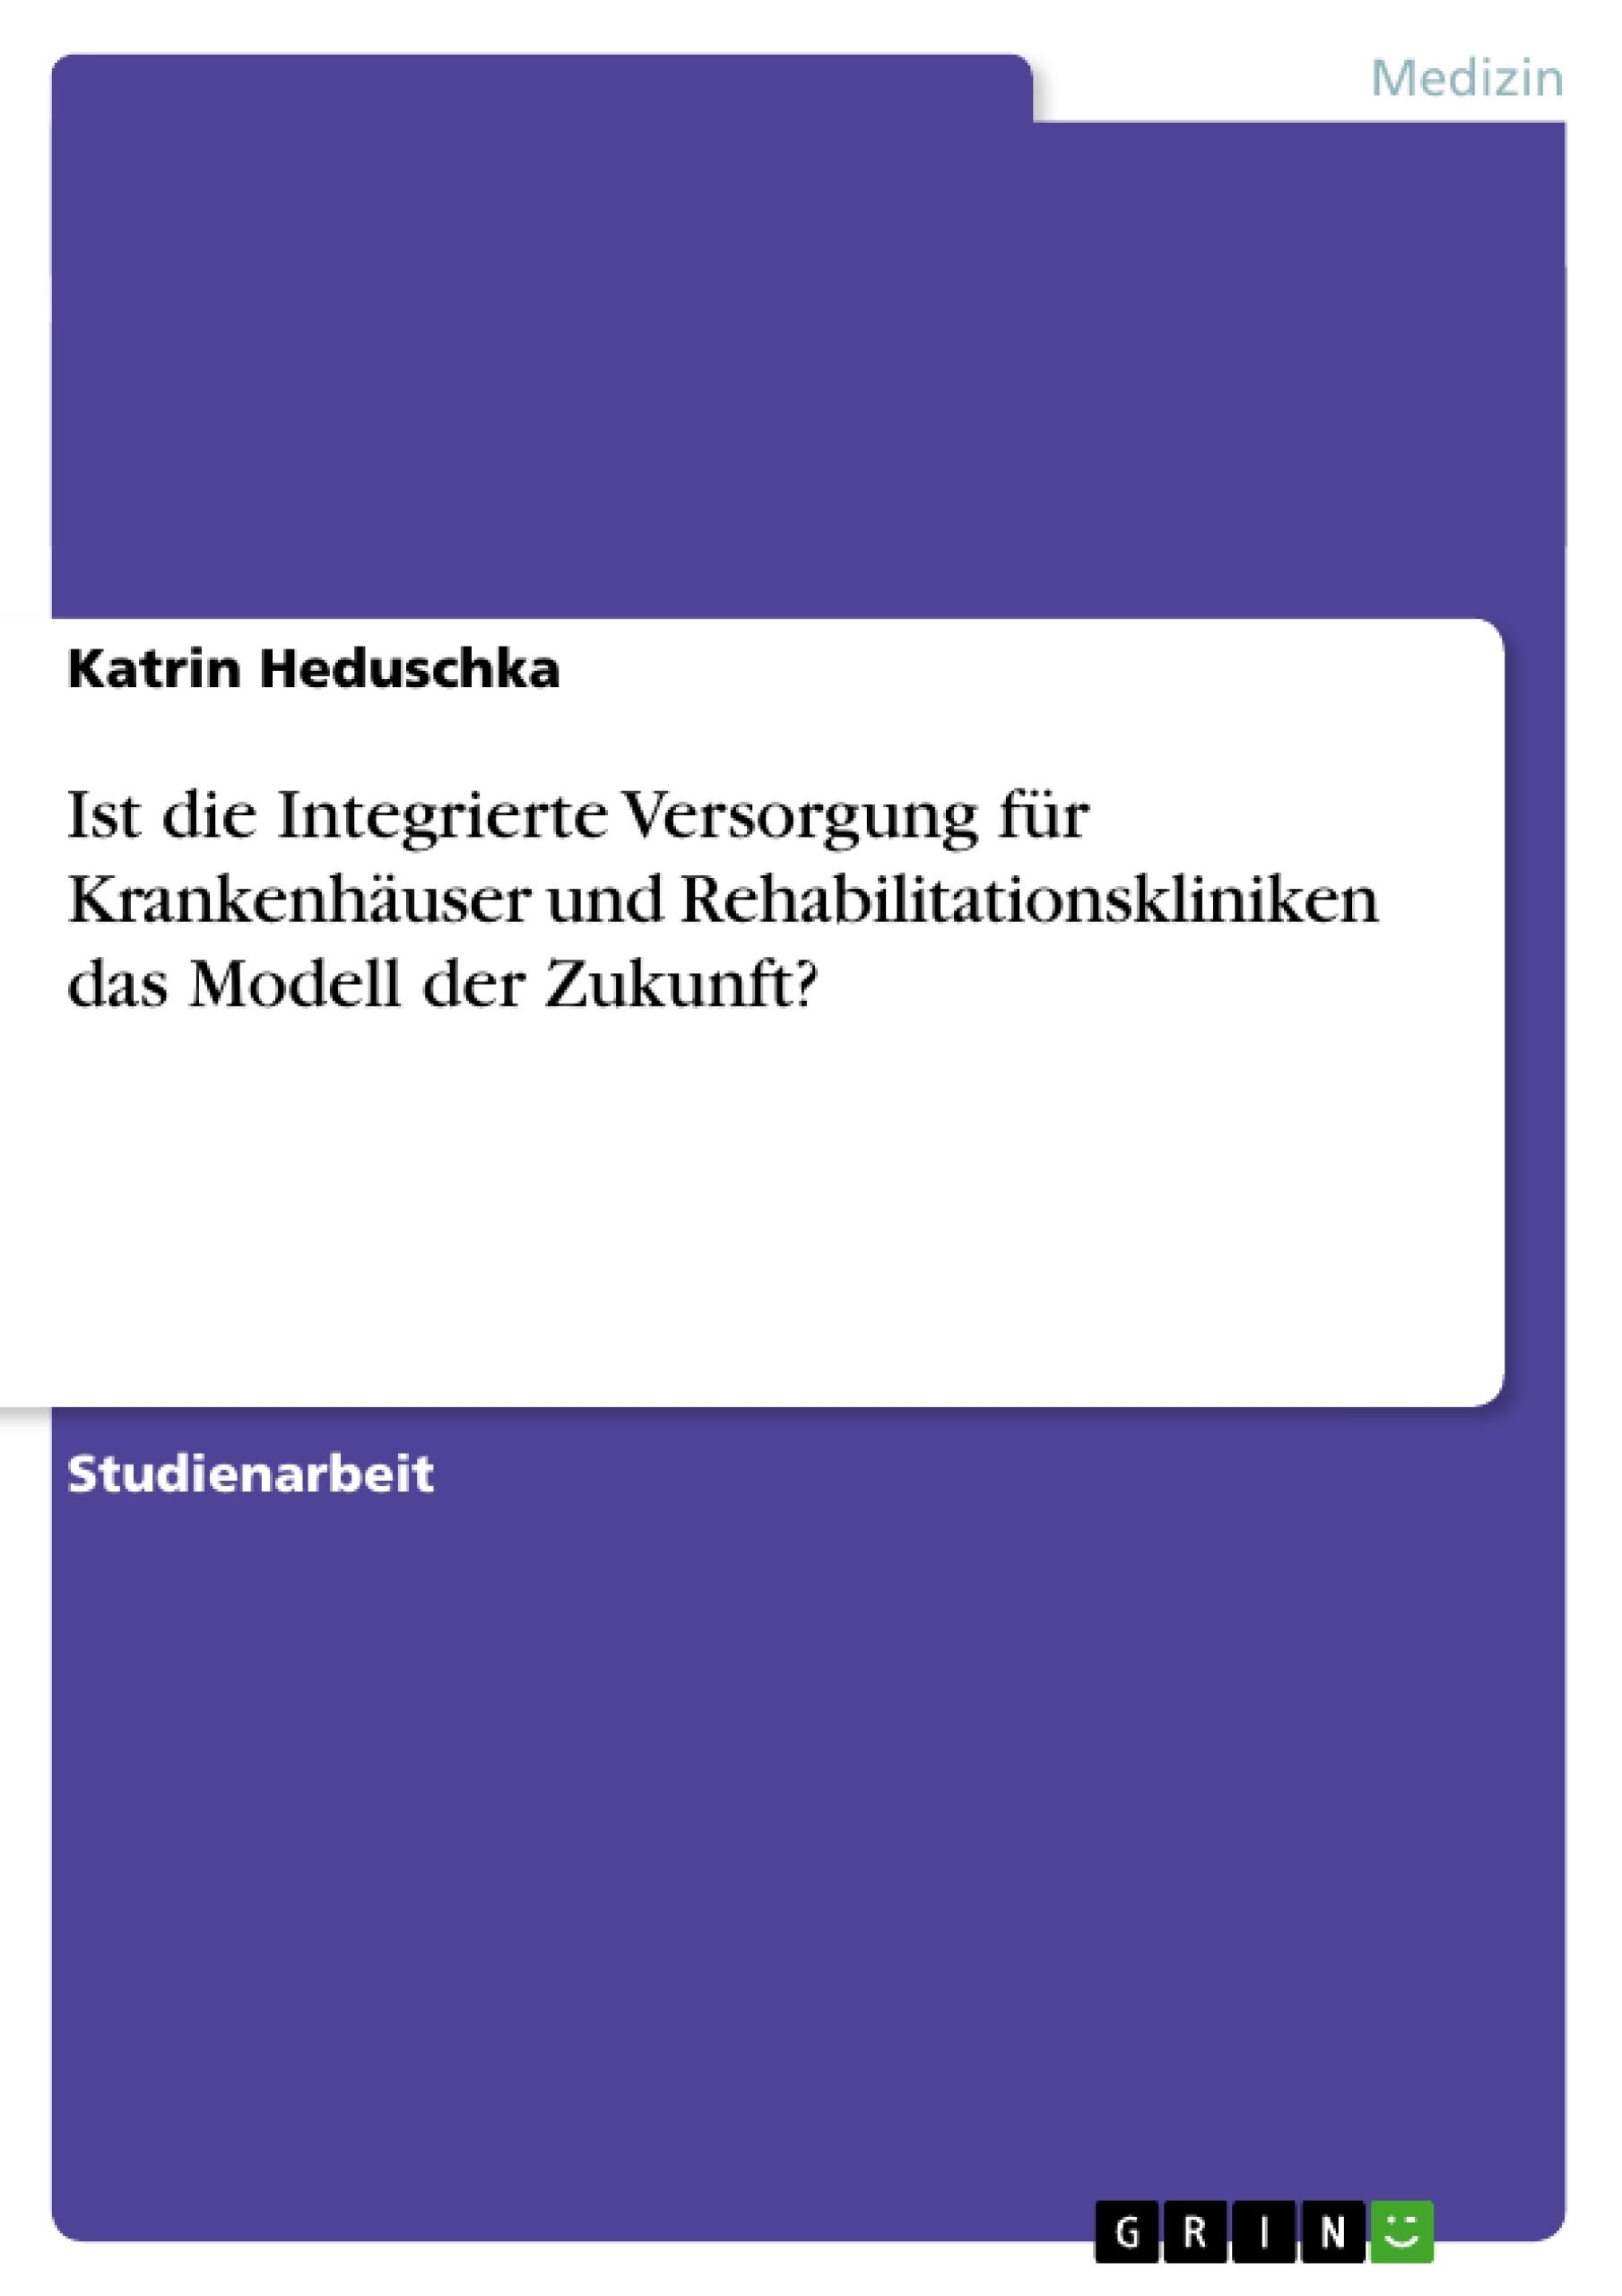 Titel: Ist die Integrierte Versorgung für Krankenhäuser und Rehabilitationskliniken das Modell der Zukunft?